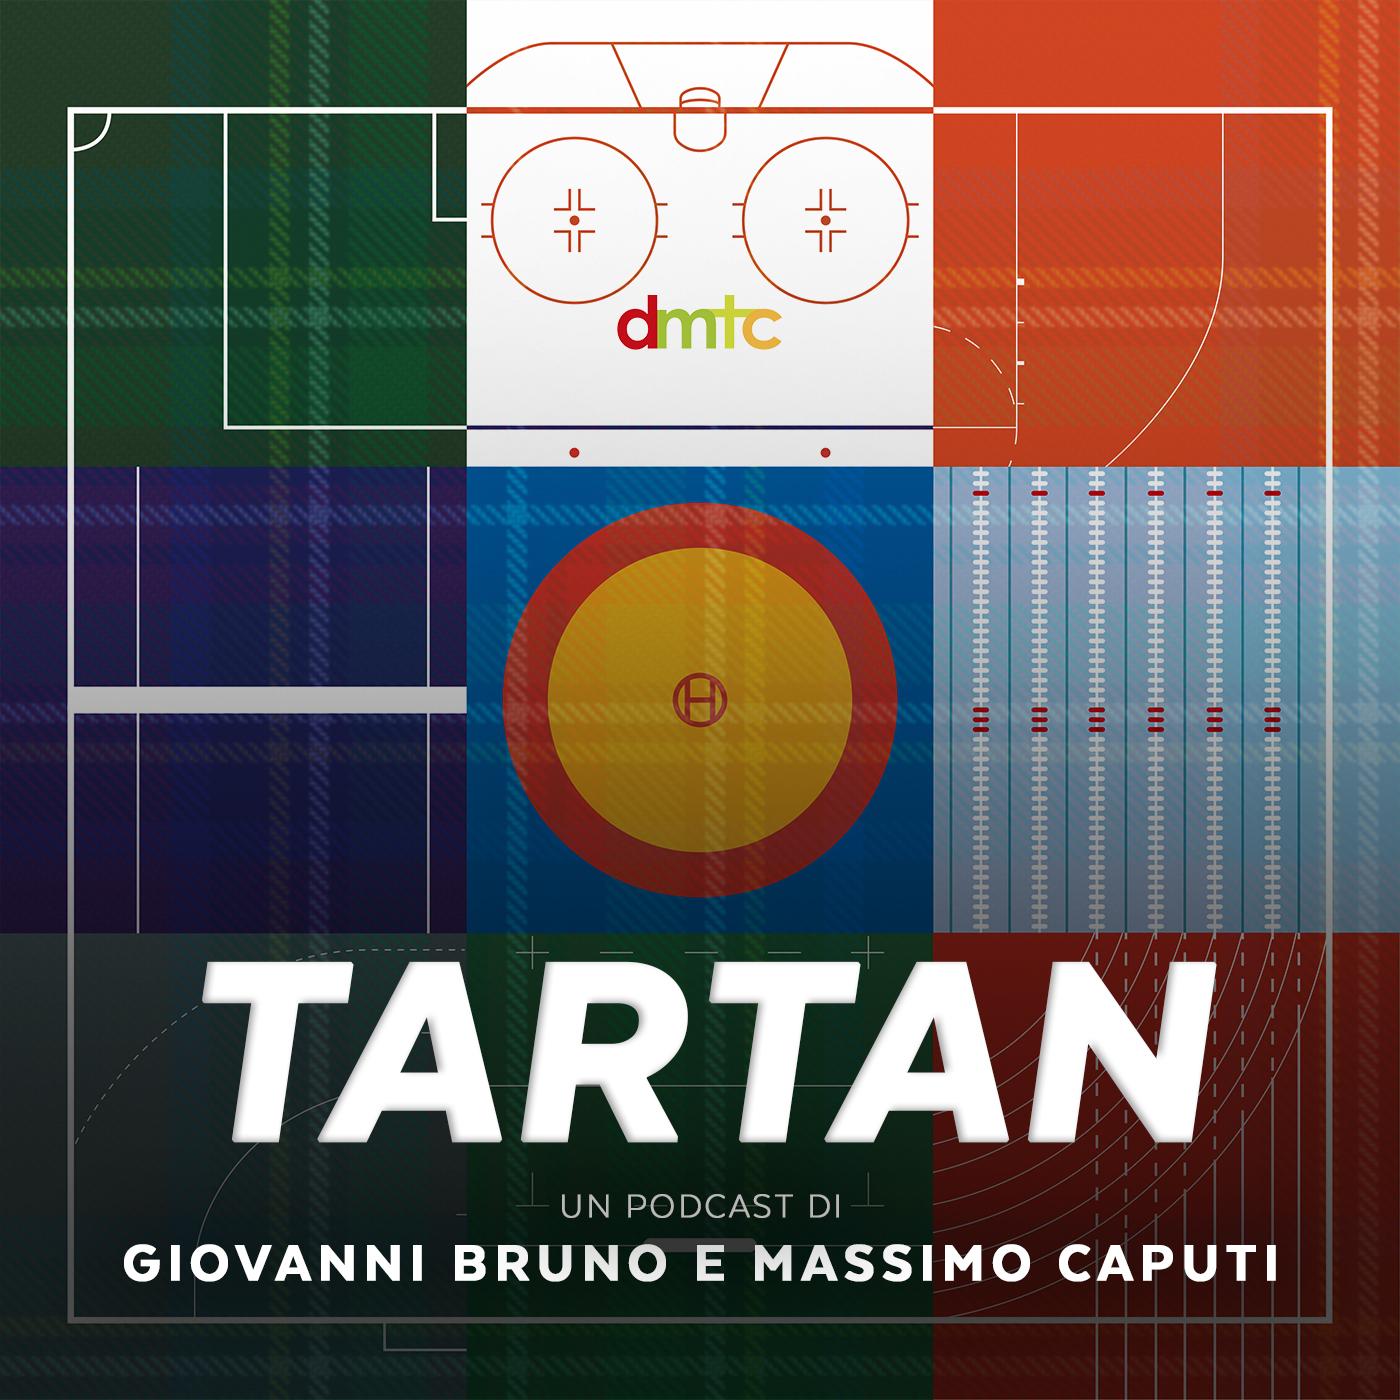 """DMTC presenta """"Tartan"""", il podcast sull'attualità sportiva con Giovanni Bruno e Massimo Caputi"""